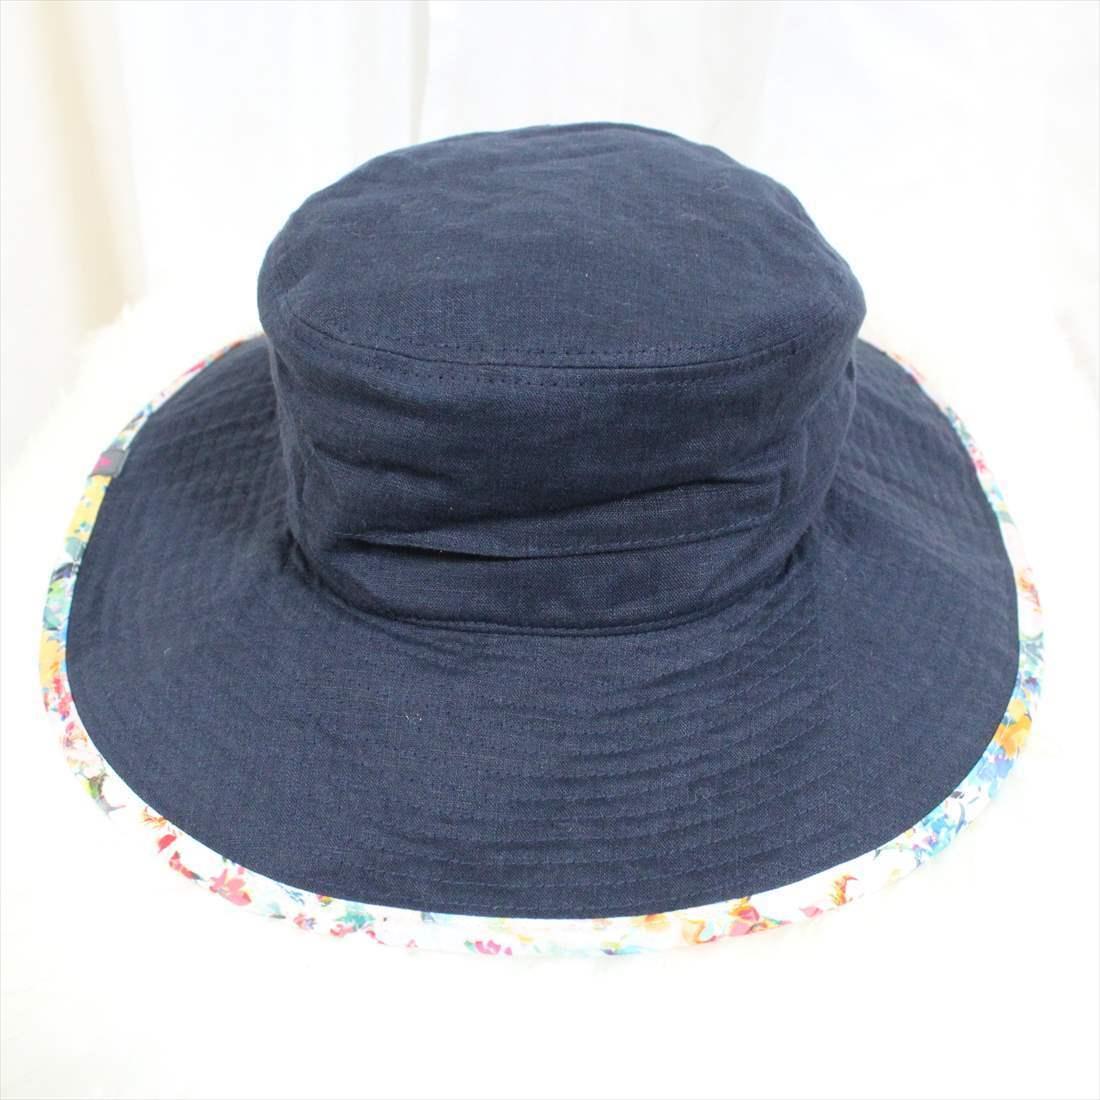 フェニックス phenix 麻 ハット 新品 帽子 BROAD BRIMMED HAT レディース ネイビー PH928HW66 アウトレット_画像1